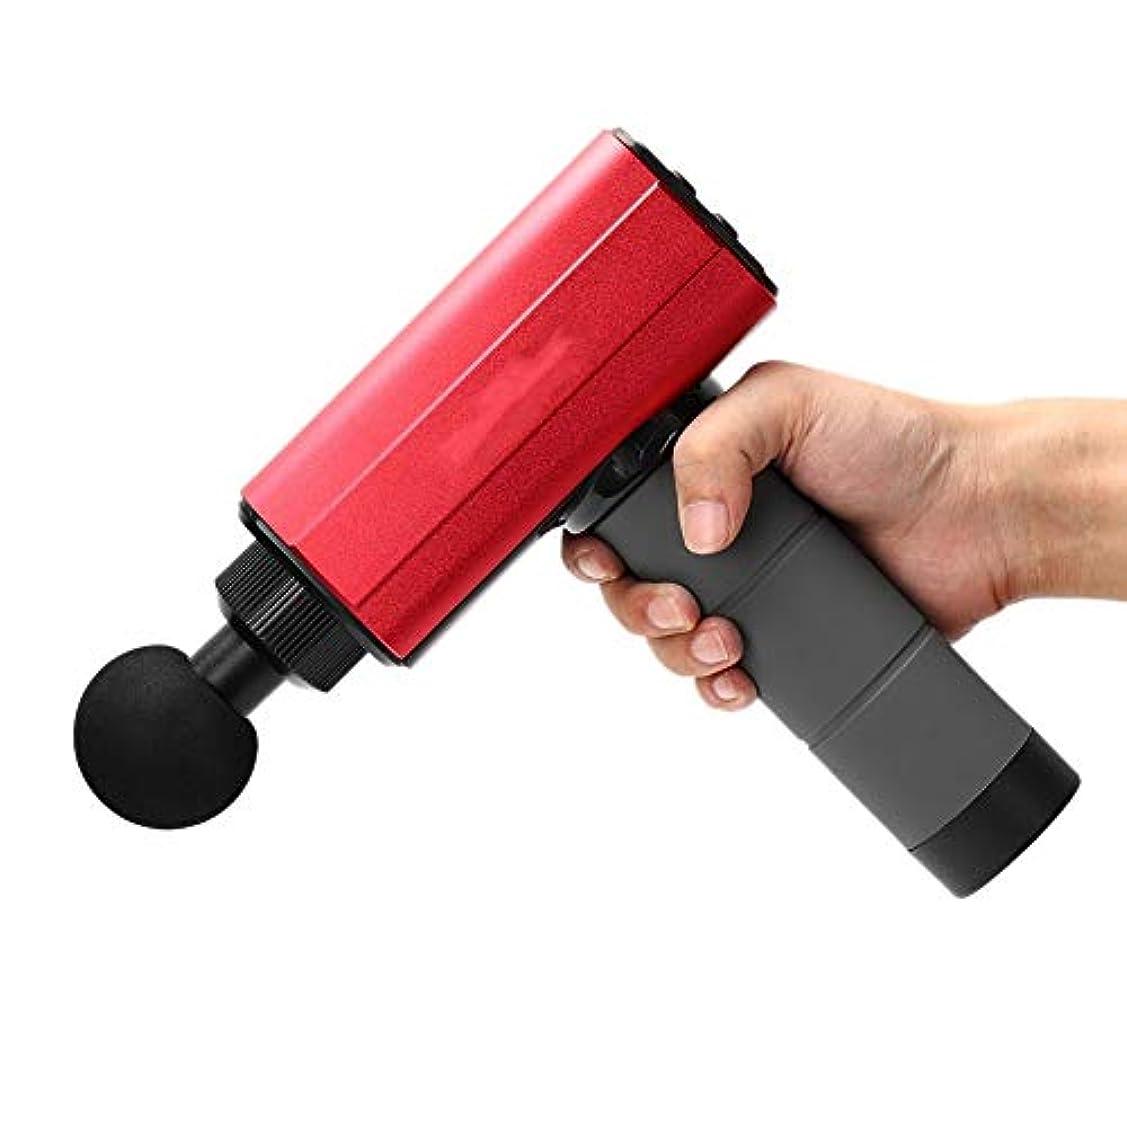 記憶質素なカップ手持ち型の深いティッシュ筋肉マッサージャー銃の再充電可能なマッサージ装置、体の痛みのための専門のコードレスパーカッション(US Plug)